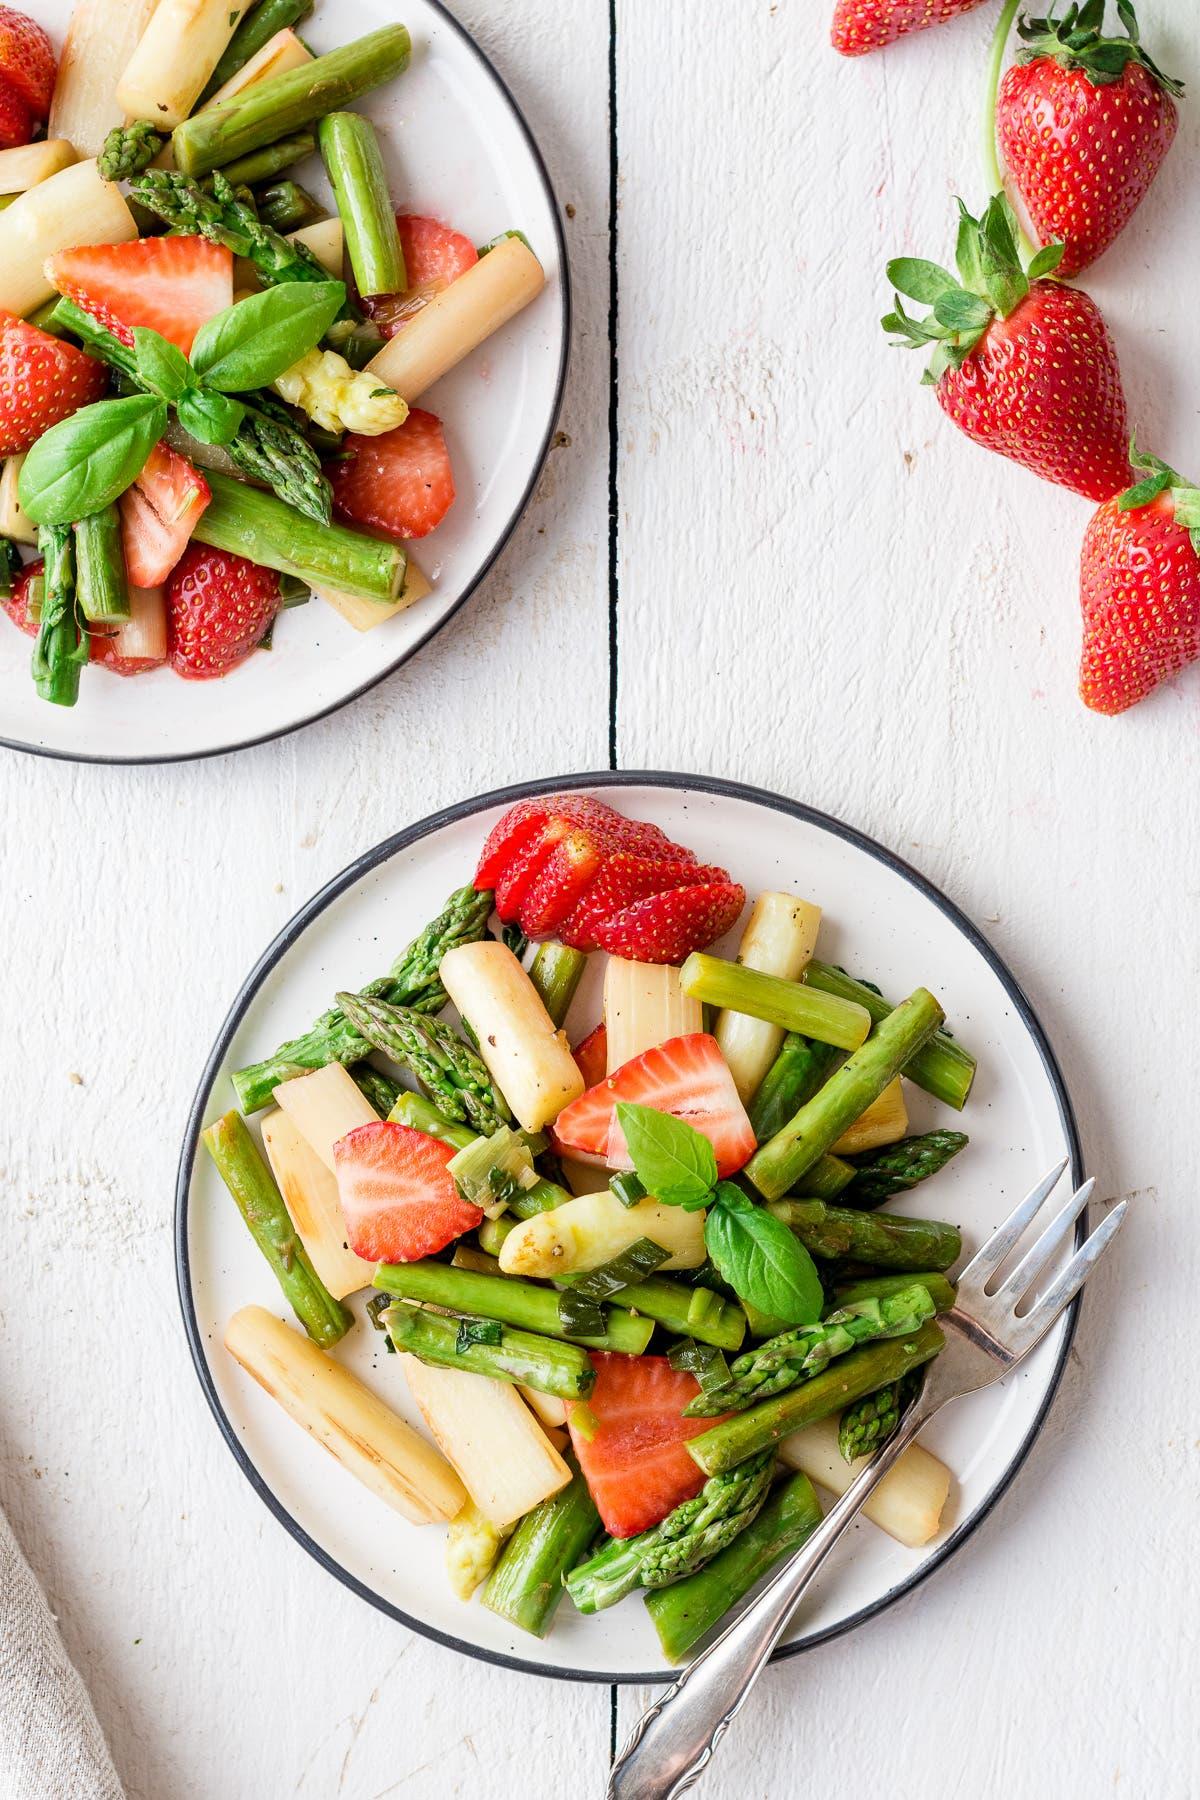 Nahaufnahme von Spargelsalat mit Erdbeeren, Lauchzwiebel und Basilikum